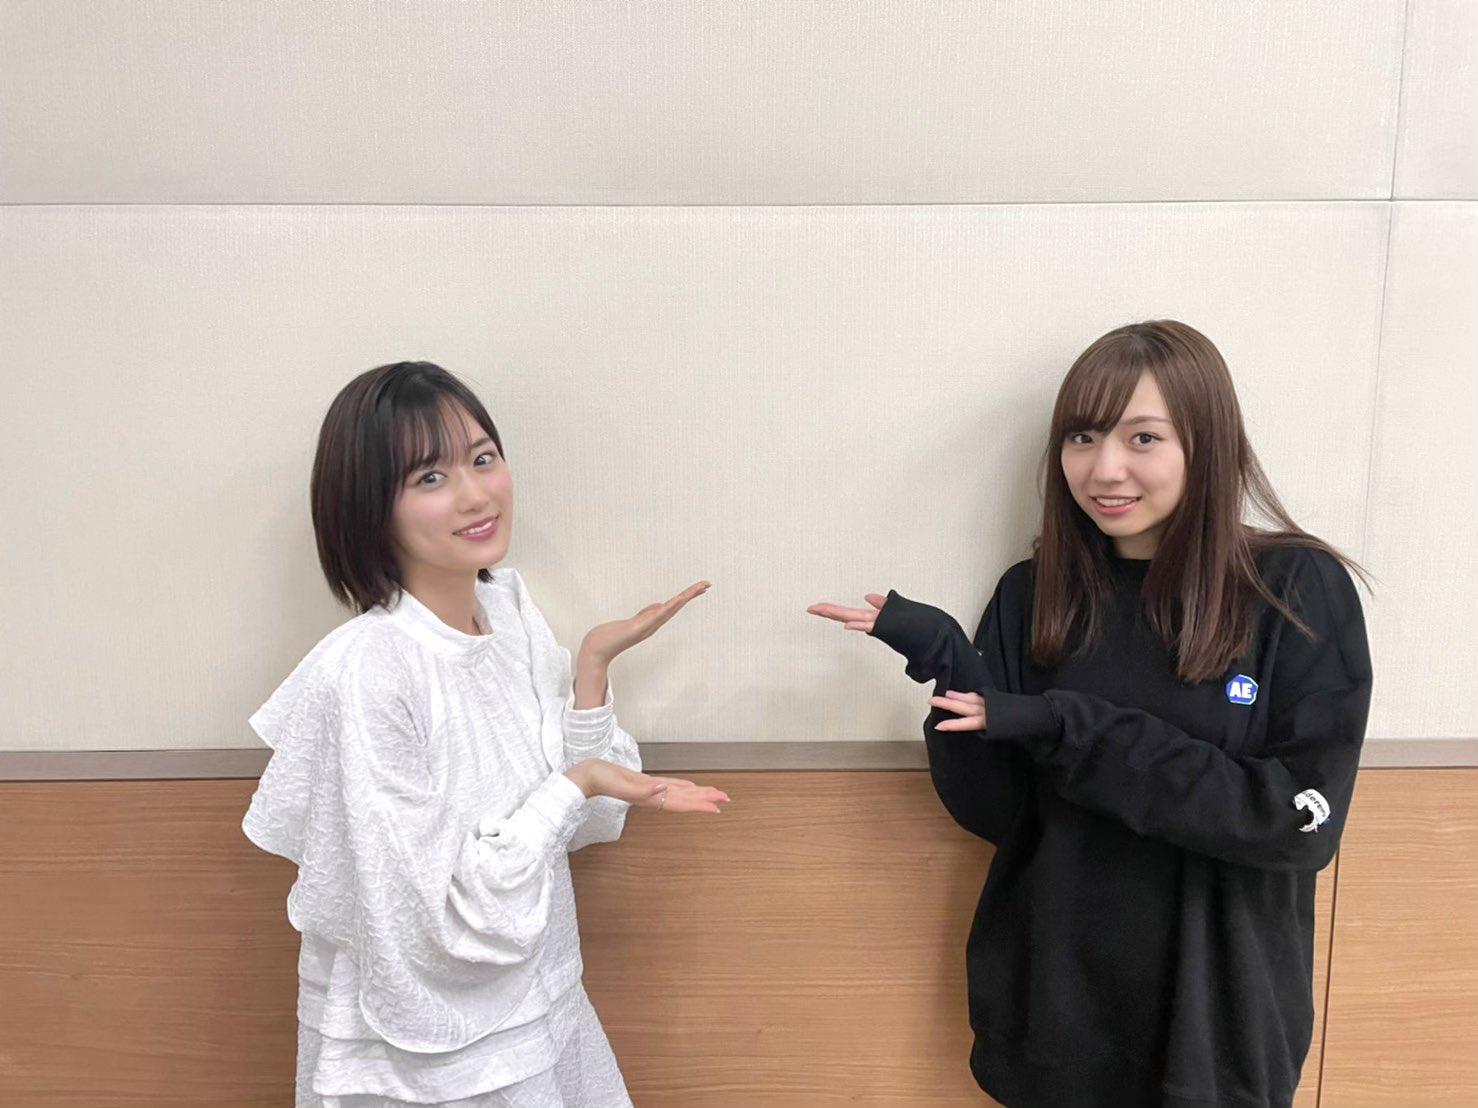 乃木坂46のオールナイトニッポン 山下美月 新内眞衣